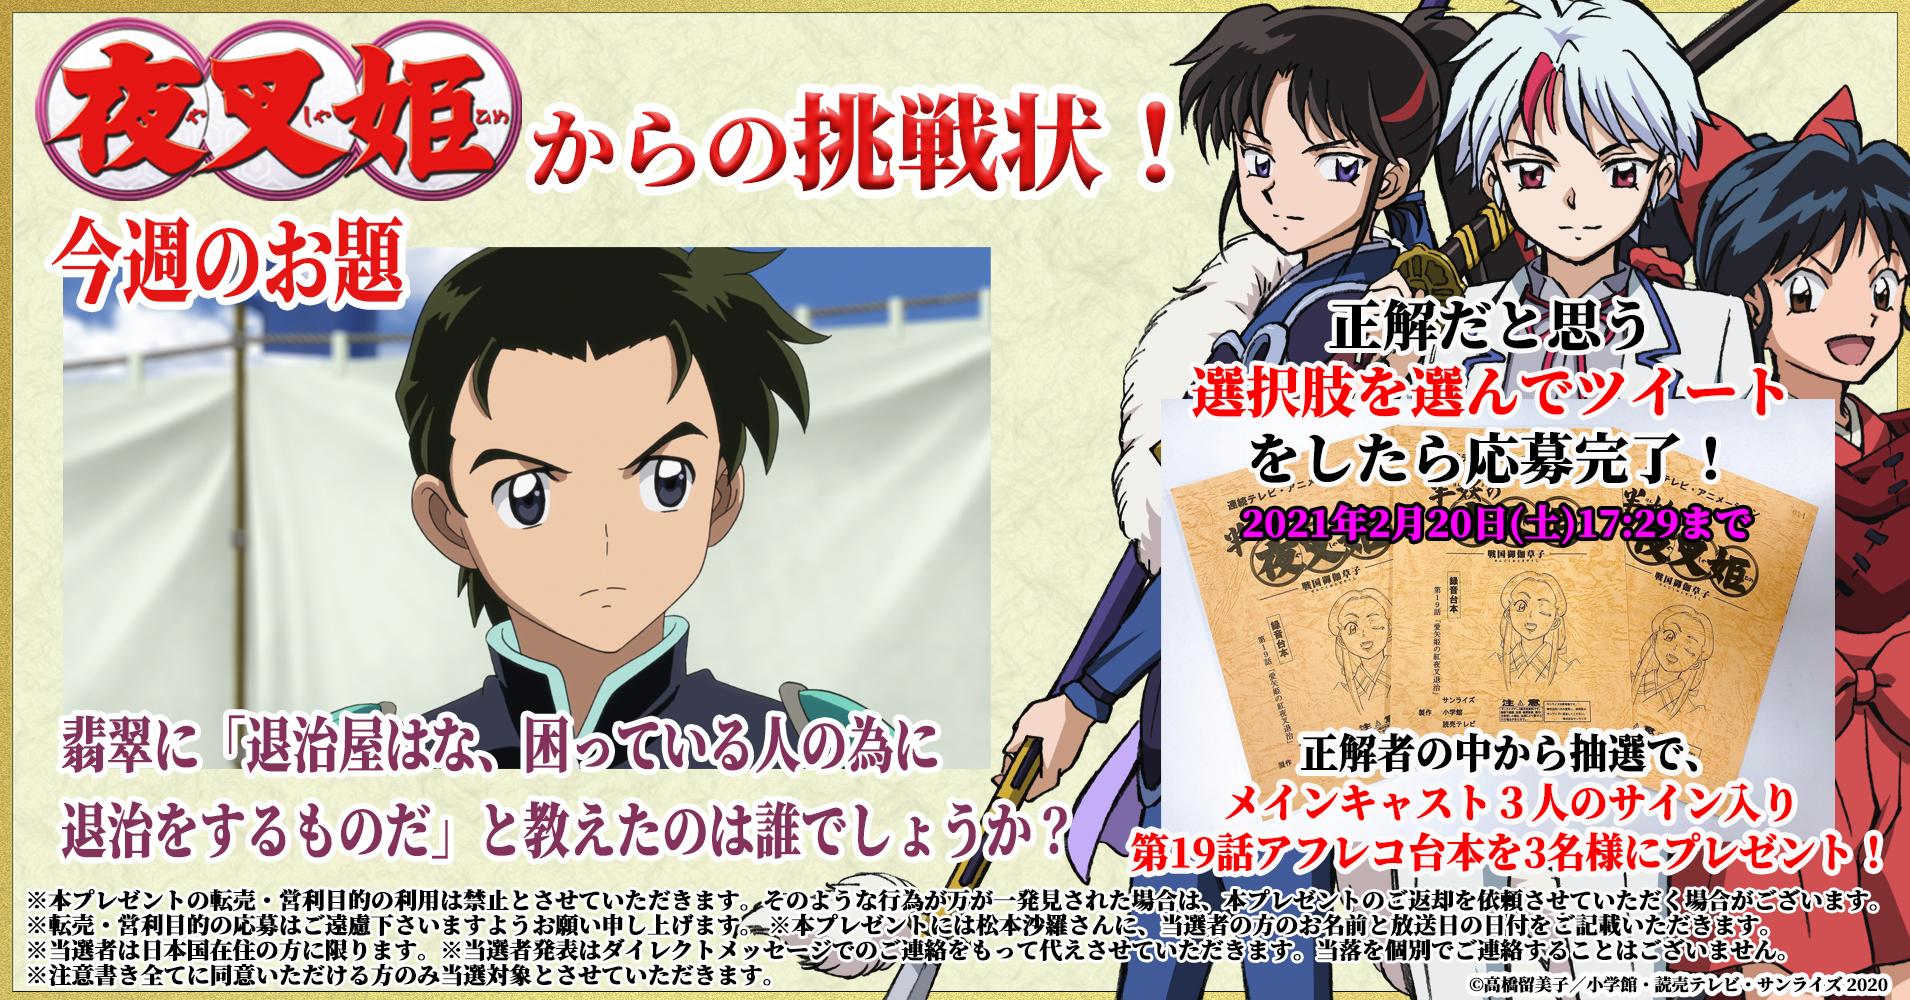 TVアニメ『半妖の夜叉姫』第19話台本プレゼントキャンペーン